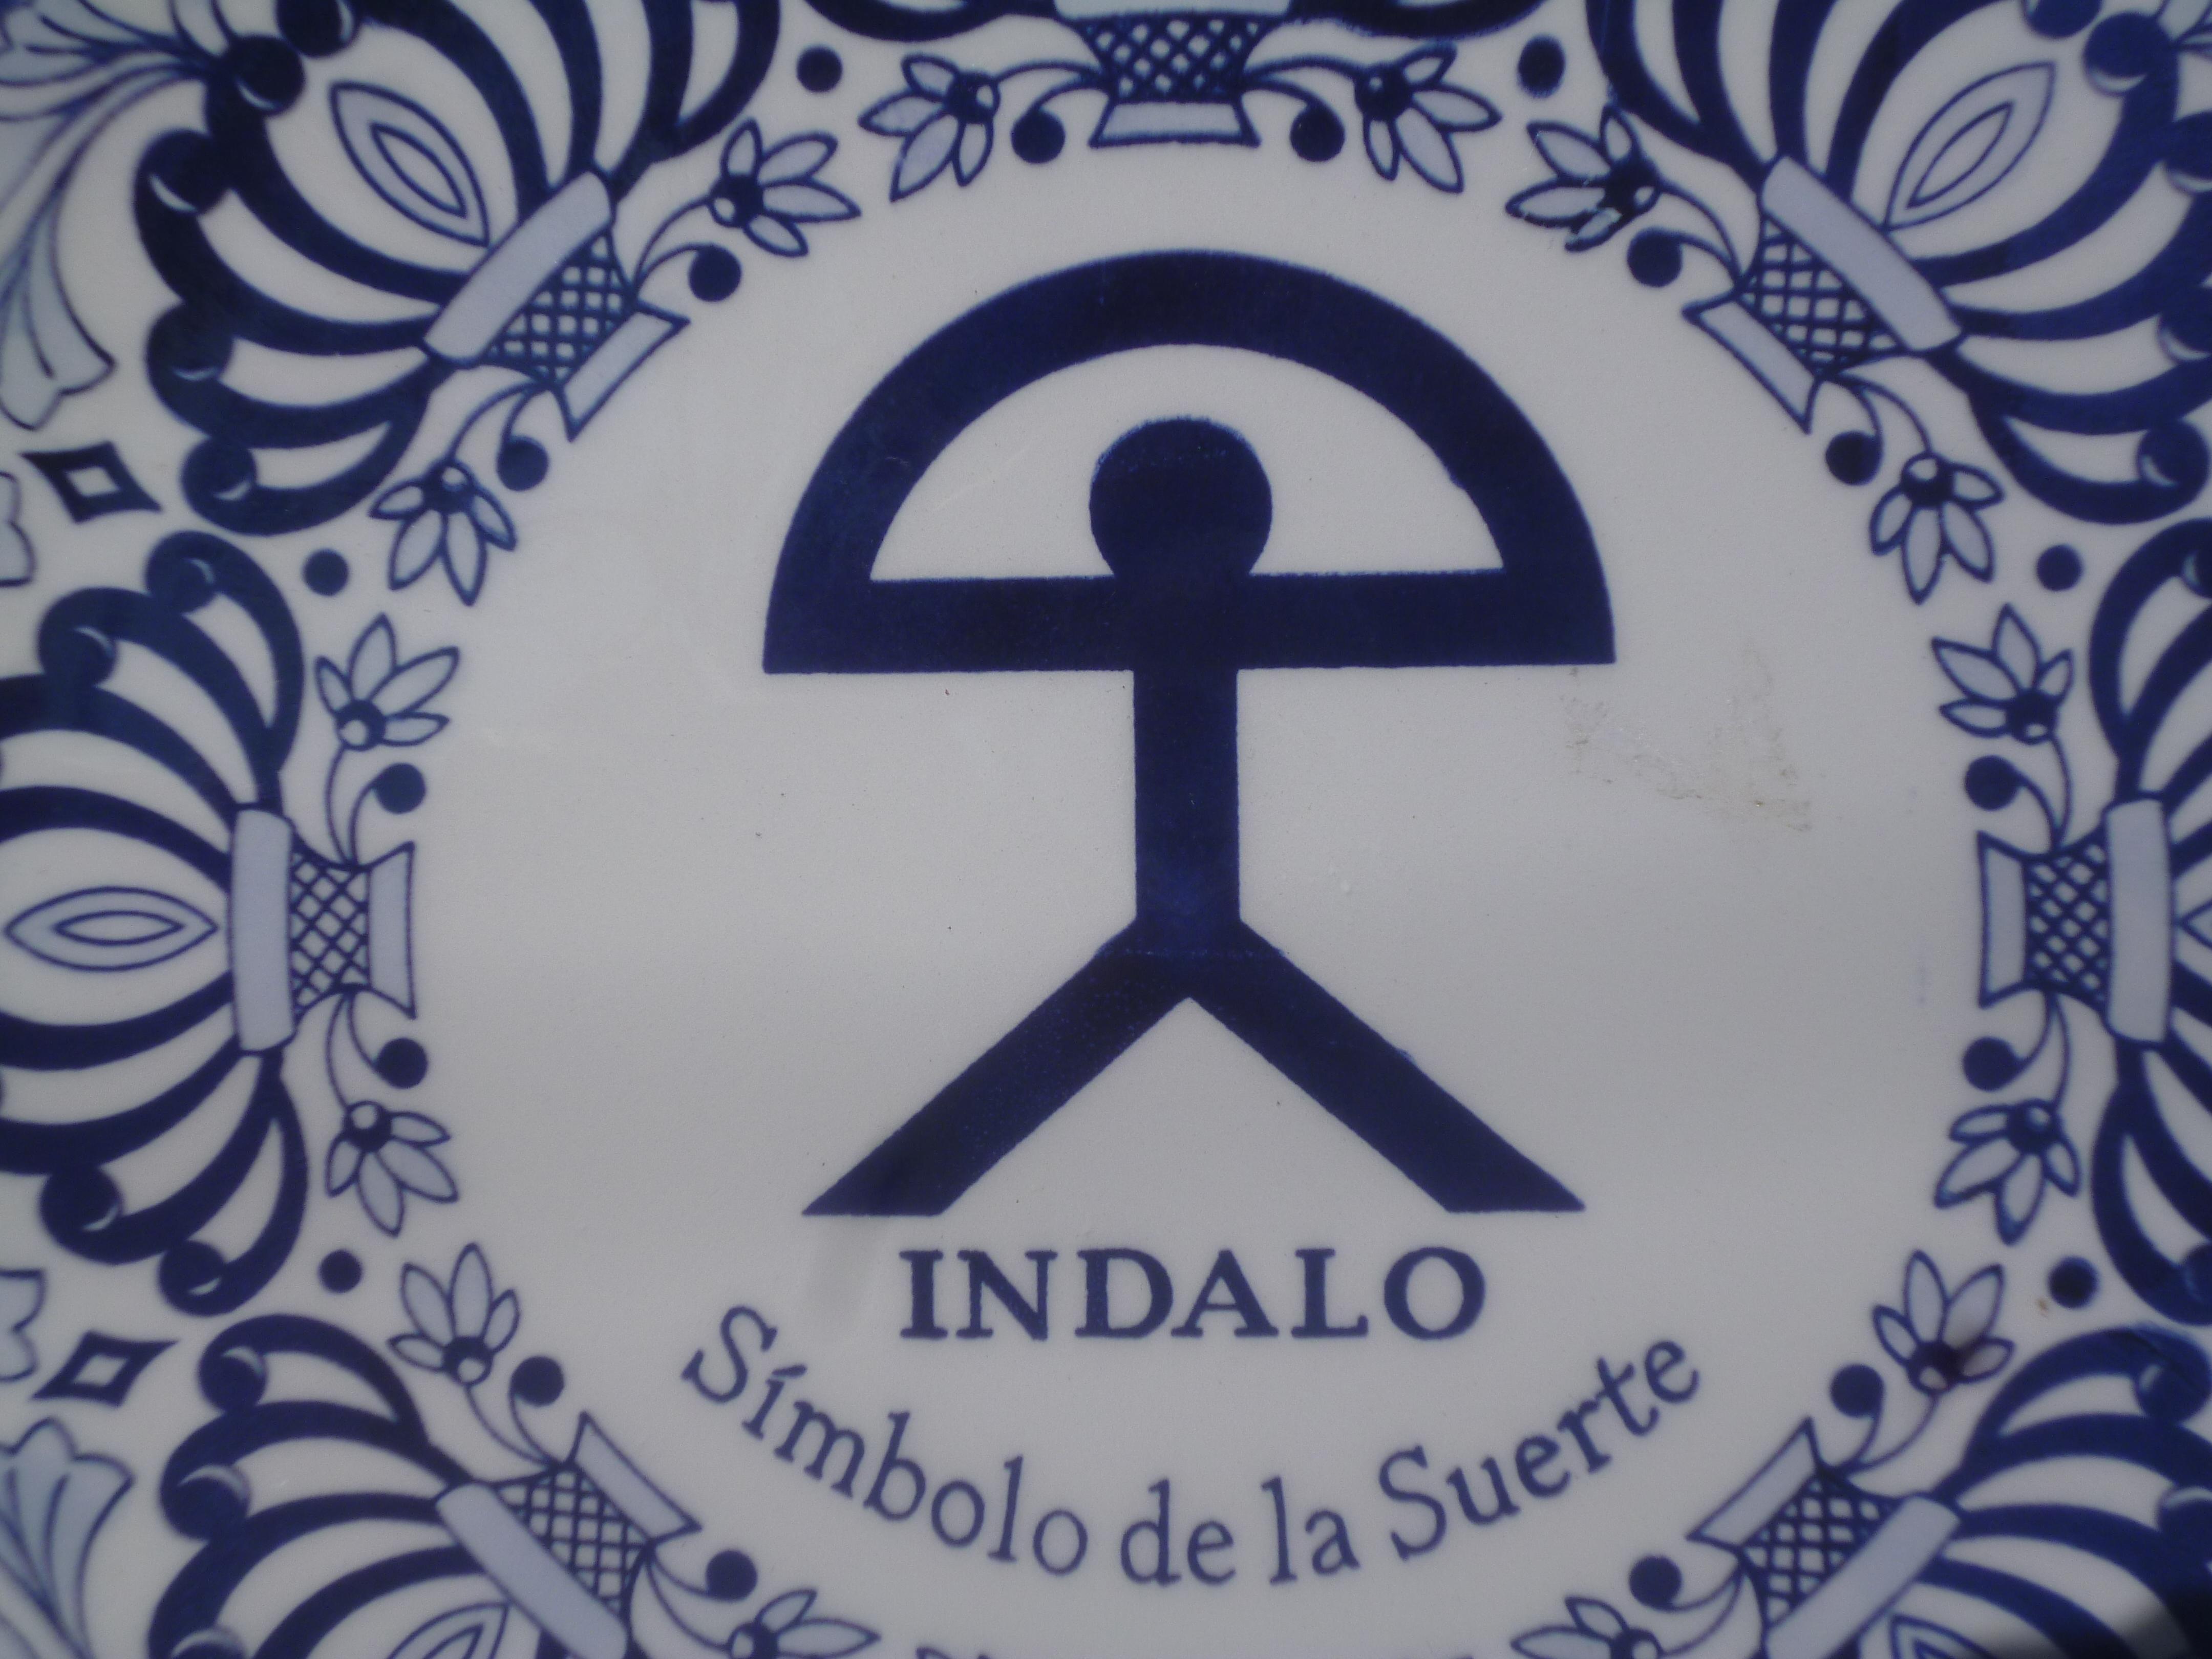 l'Indalo chasse le mauvais sort